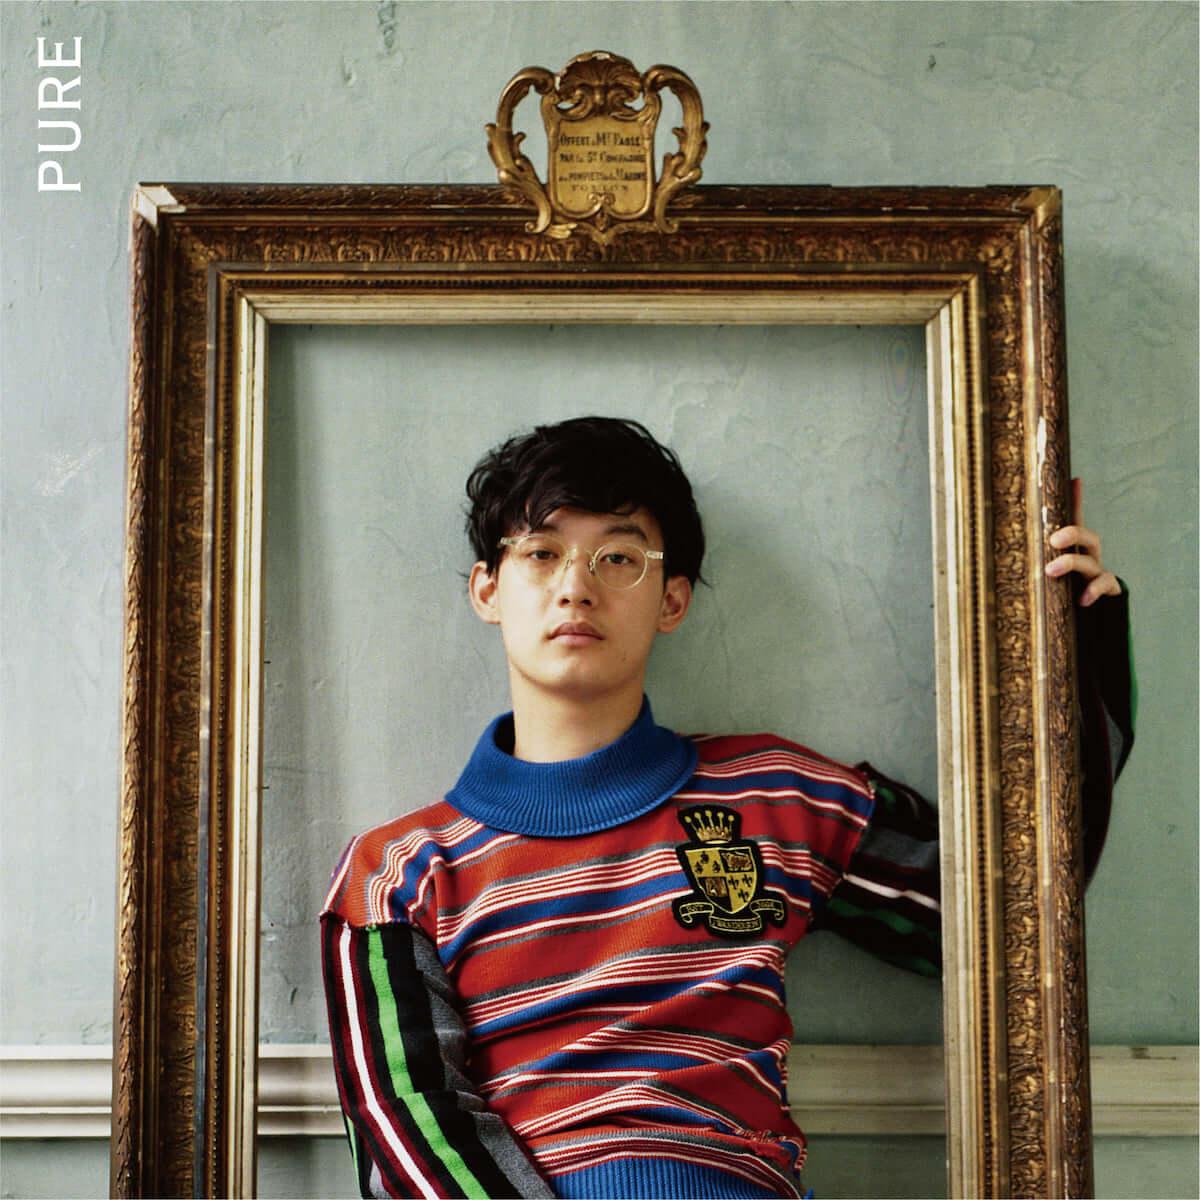 向井太一、11月28日リリースの『PURE』から「Pure」のMVが公開! music181004_taichimukai_2-1200x1200